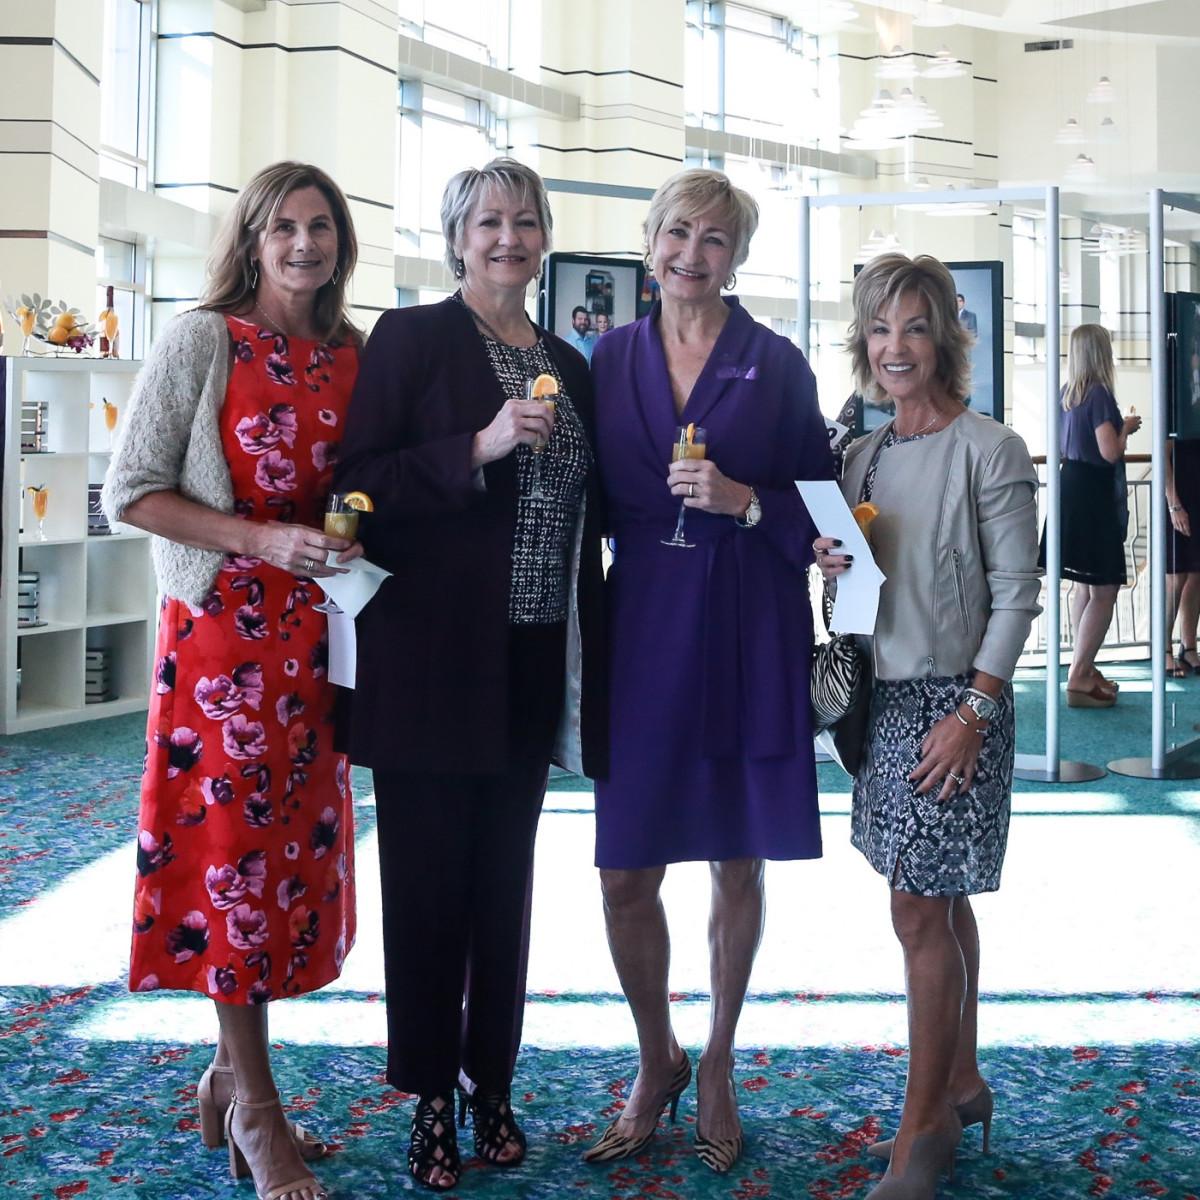 Deanne Brown, Debra Cannon, Patti Irwin, Paula Bearden